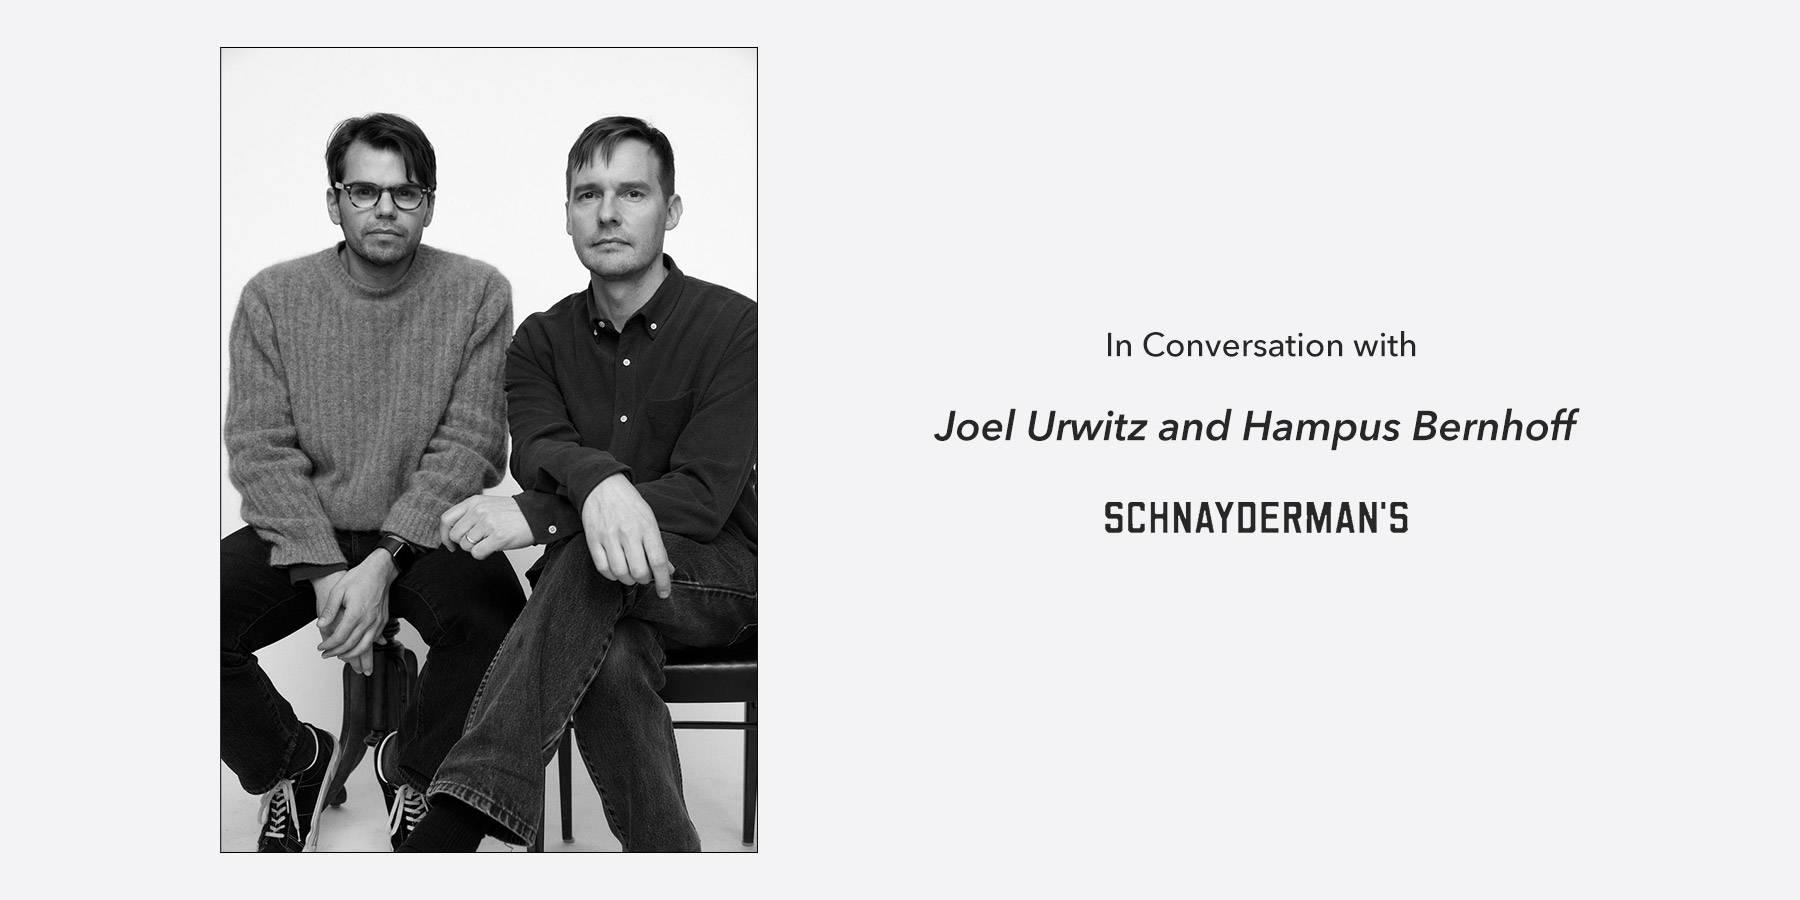 schnayderman's in conversation ss21